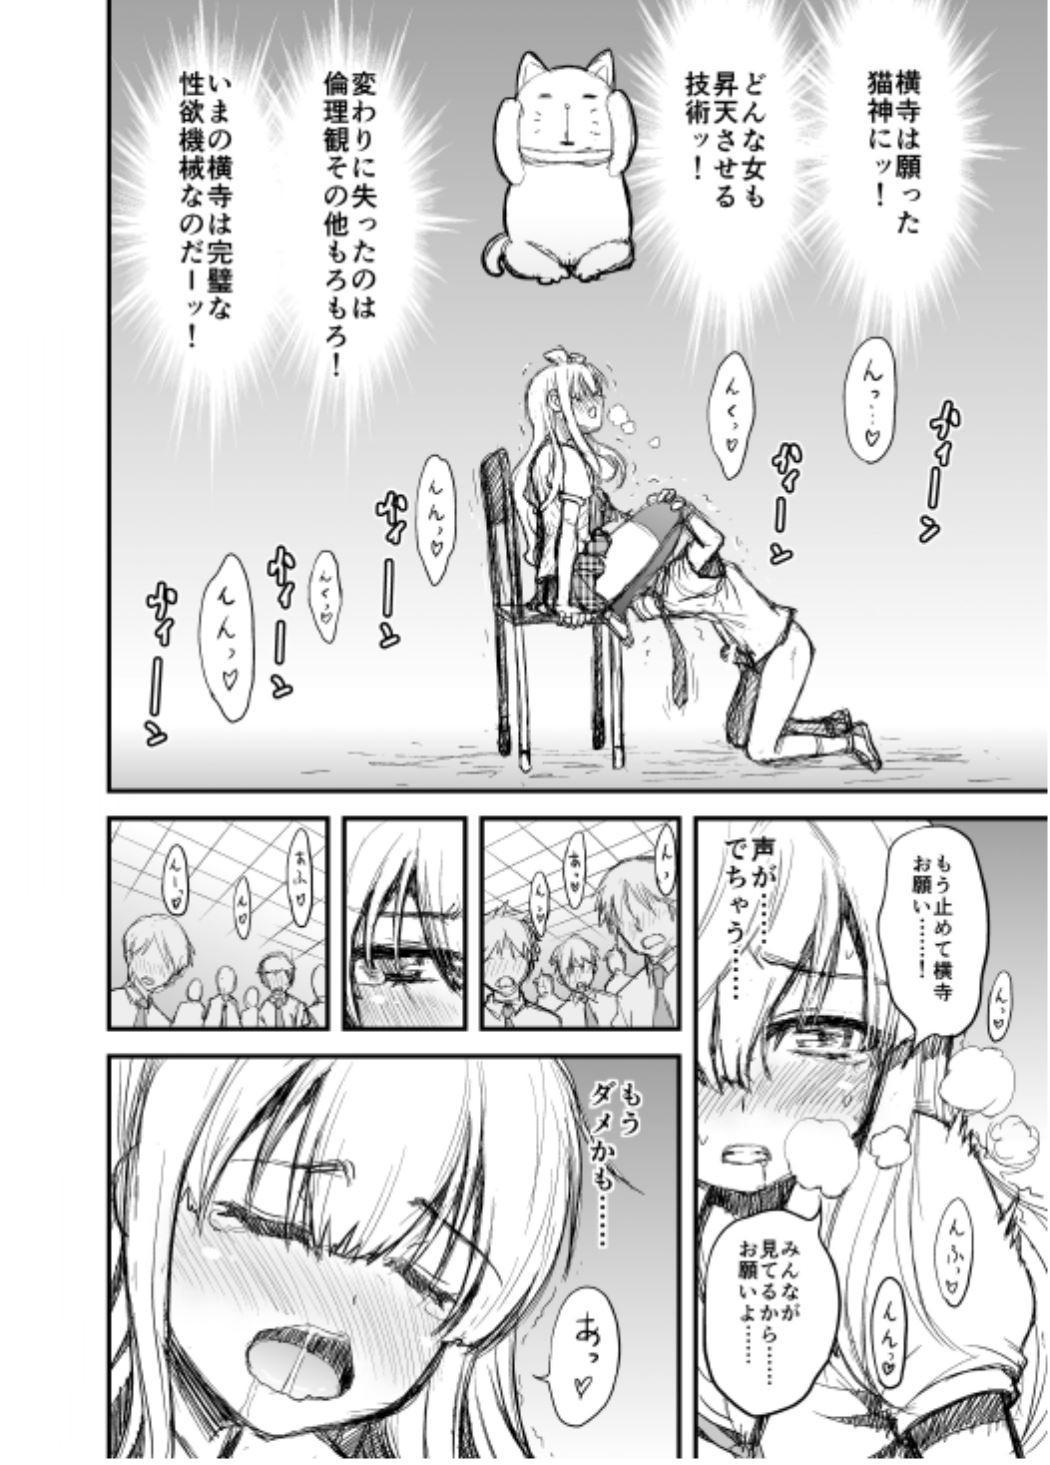 Yahari Hentai Ouji no Drill wa Machigatteiru. 6